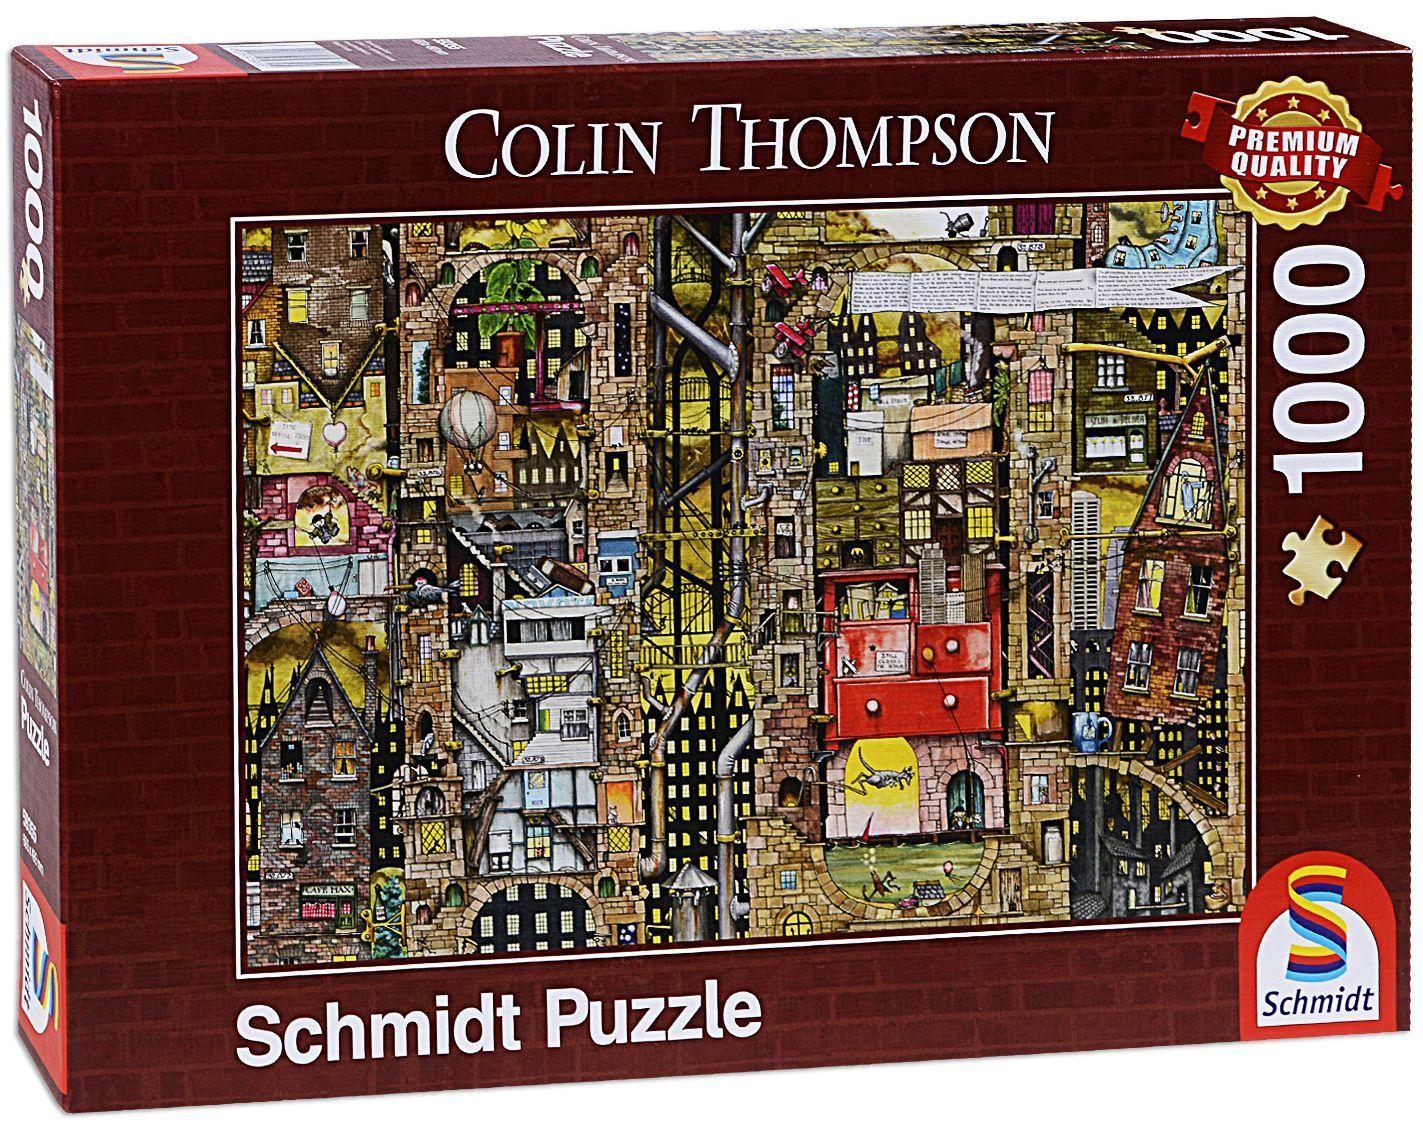 Пъзел Schmidt от 1000 части - Фантастичен град, Колин Томпсън - 1